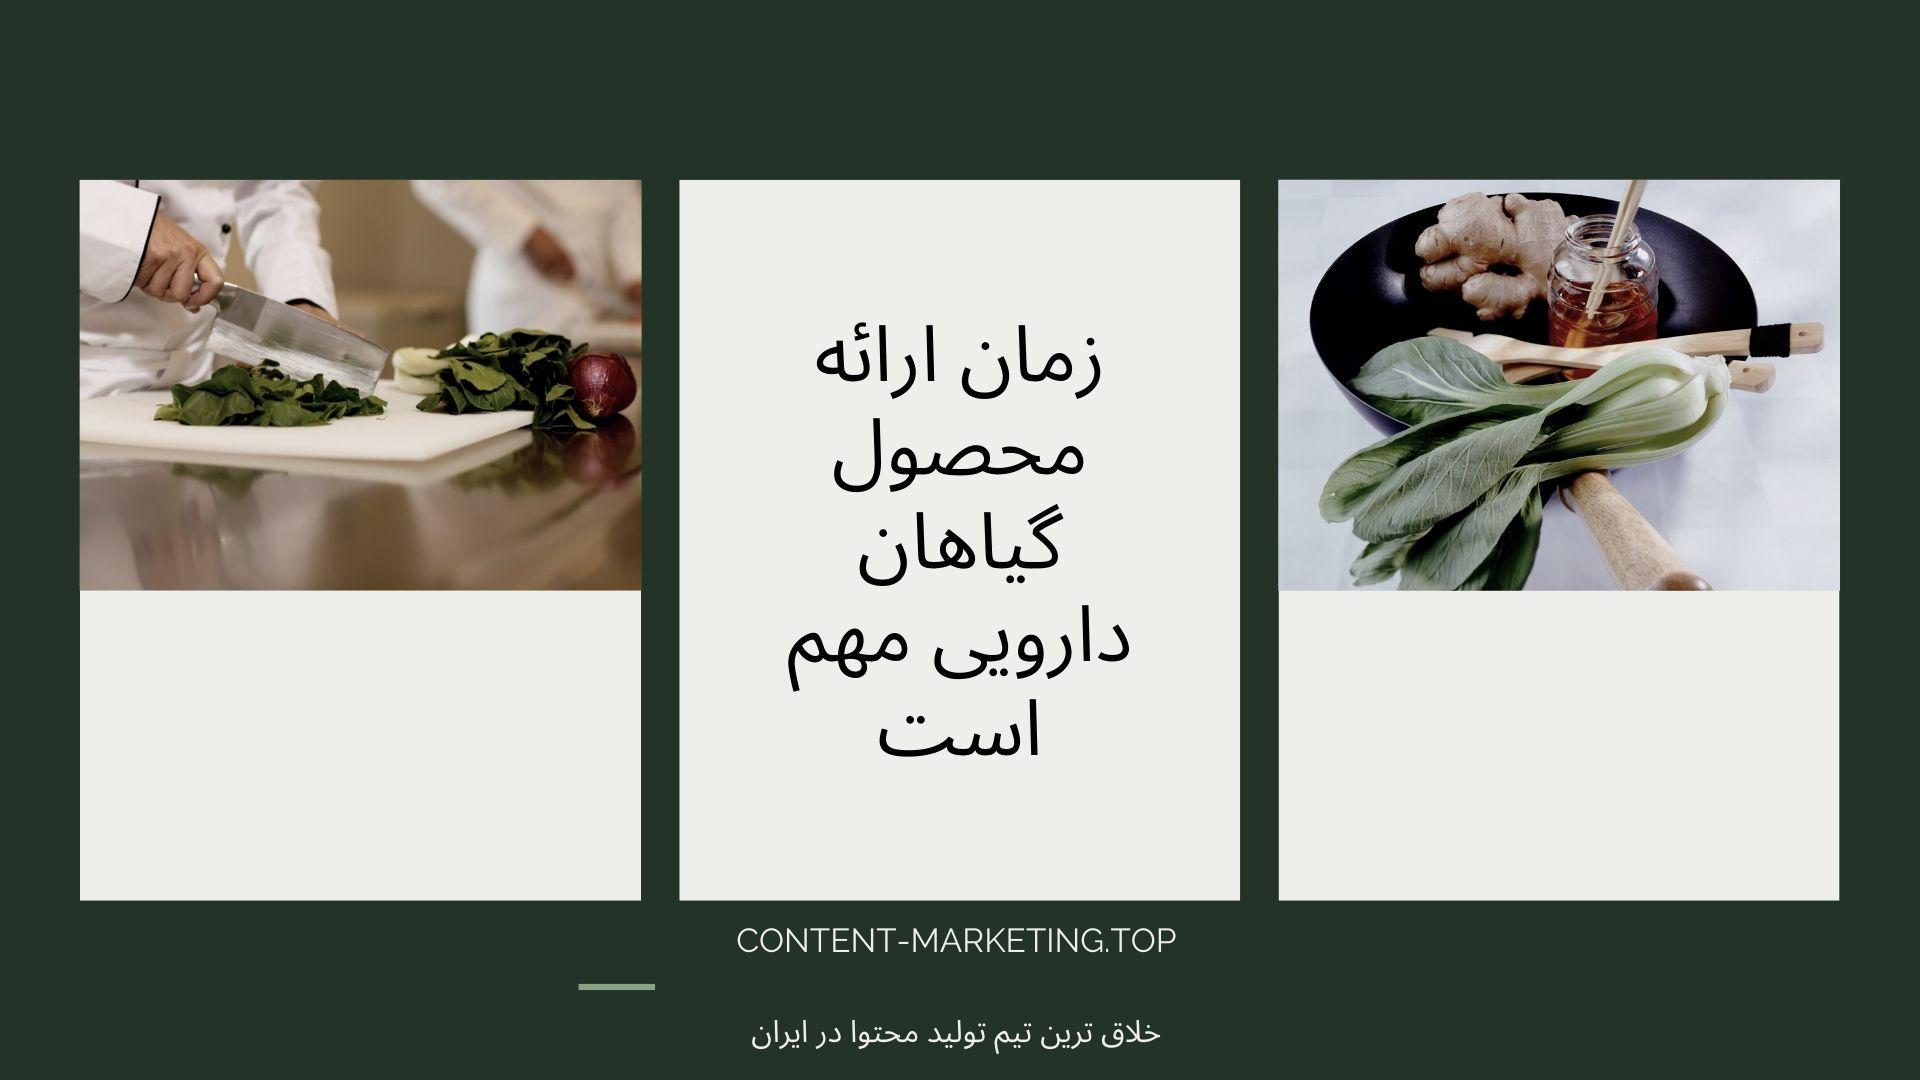 زمان ارائه محصول گیاهان دارویی مهم است